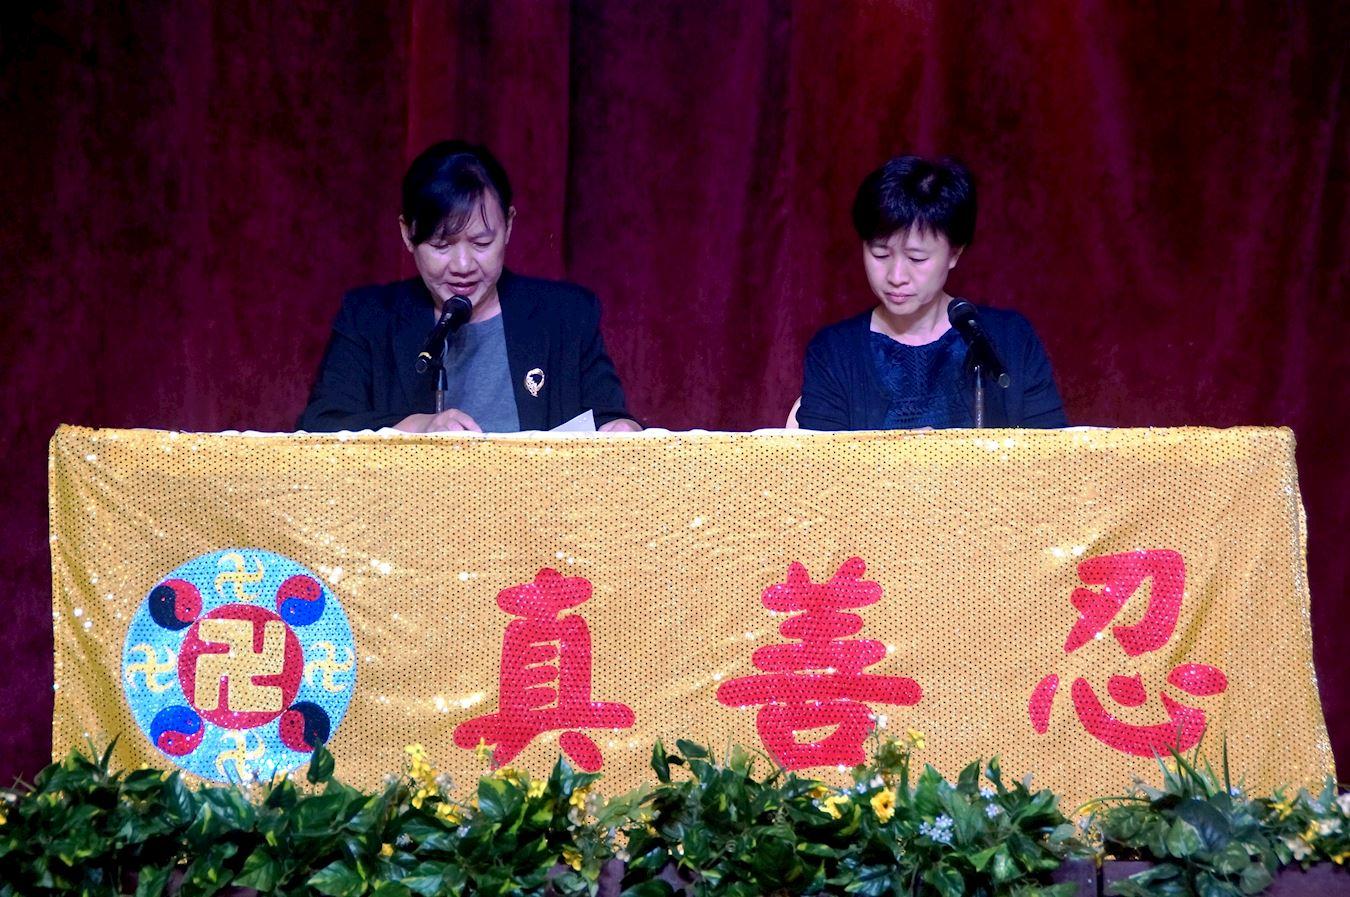 馬來西亞法輪功學員在2018年馬來西亞法會上分享修煉心得。(明慧網)